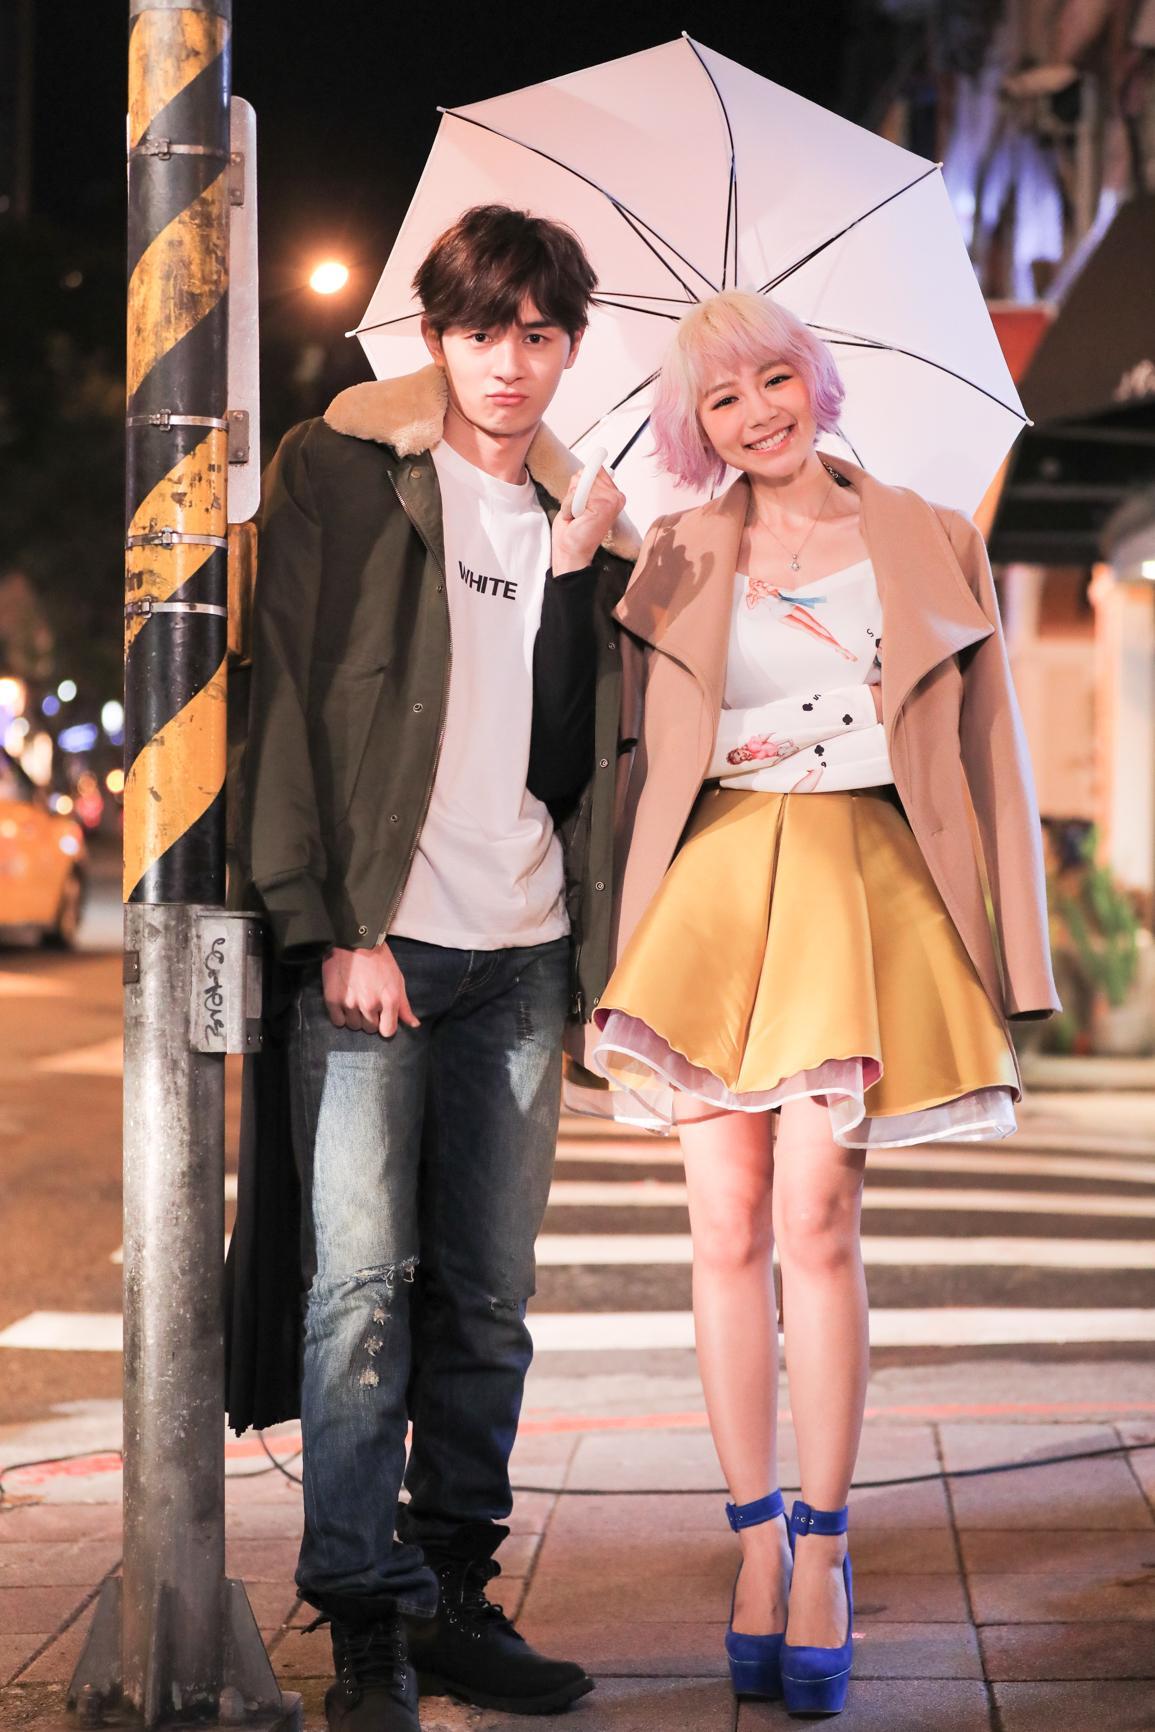 林明禎的〈不是不愛〉MV找來張軒睿跨刀合作製造話題。 (圖:種子音樂)